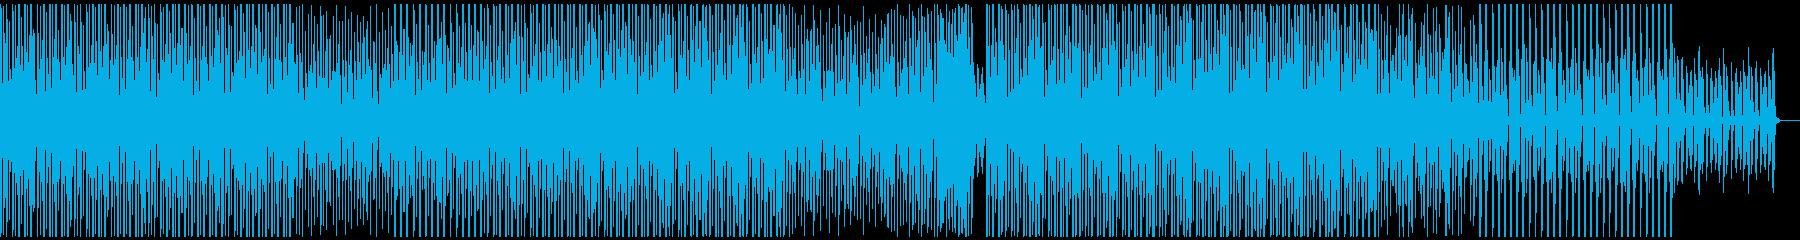 パーカッションが軽快なミニマルハウスの再生済みの波形